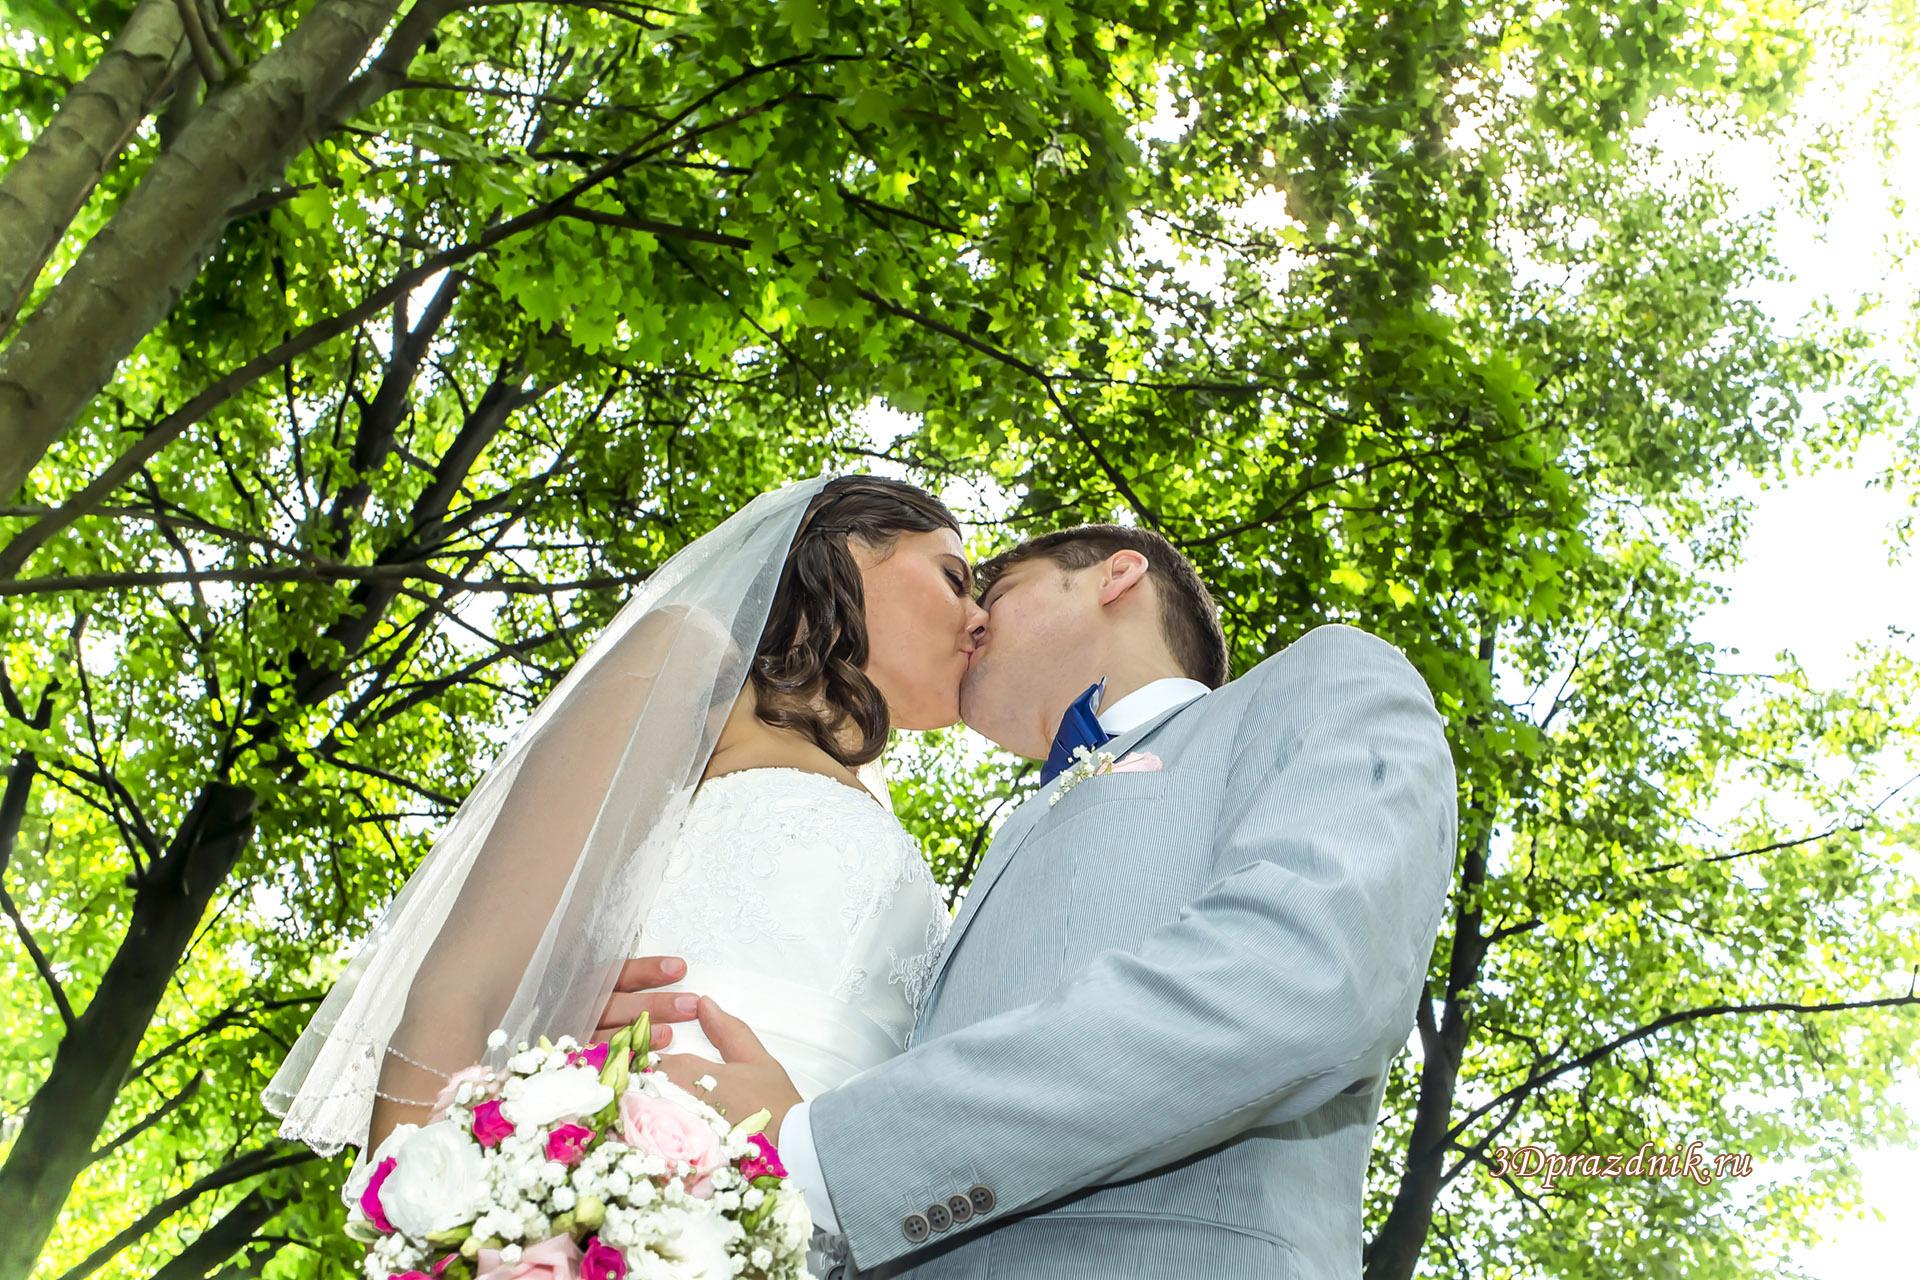 Петр и Евгения. Поцелуй.